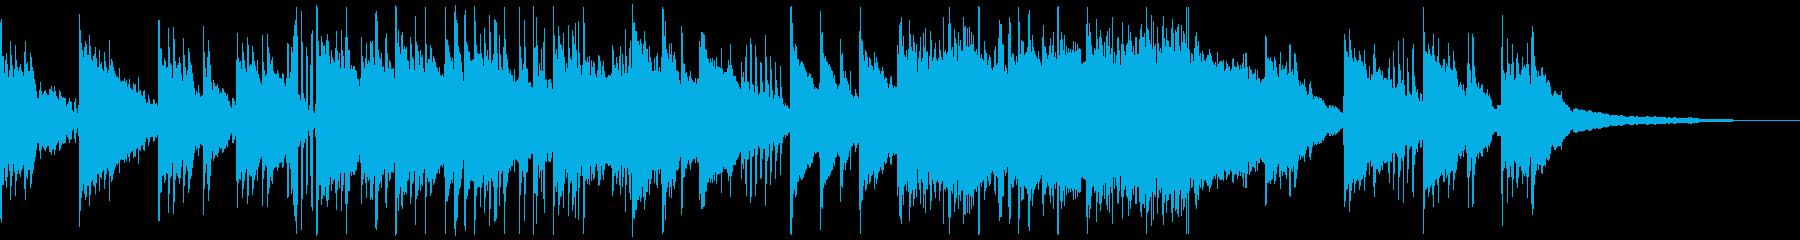 雨をイメージしたピアノ主体のBGMの再生済みの波形